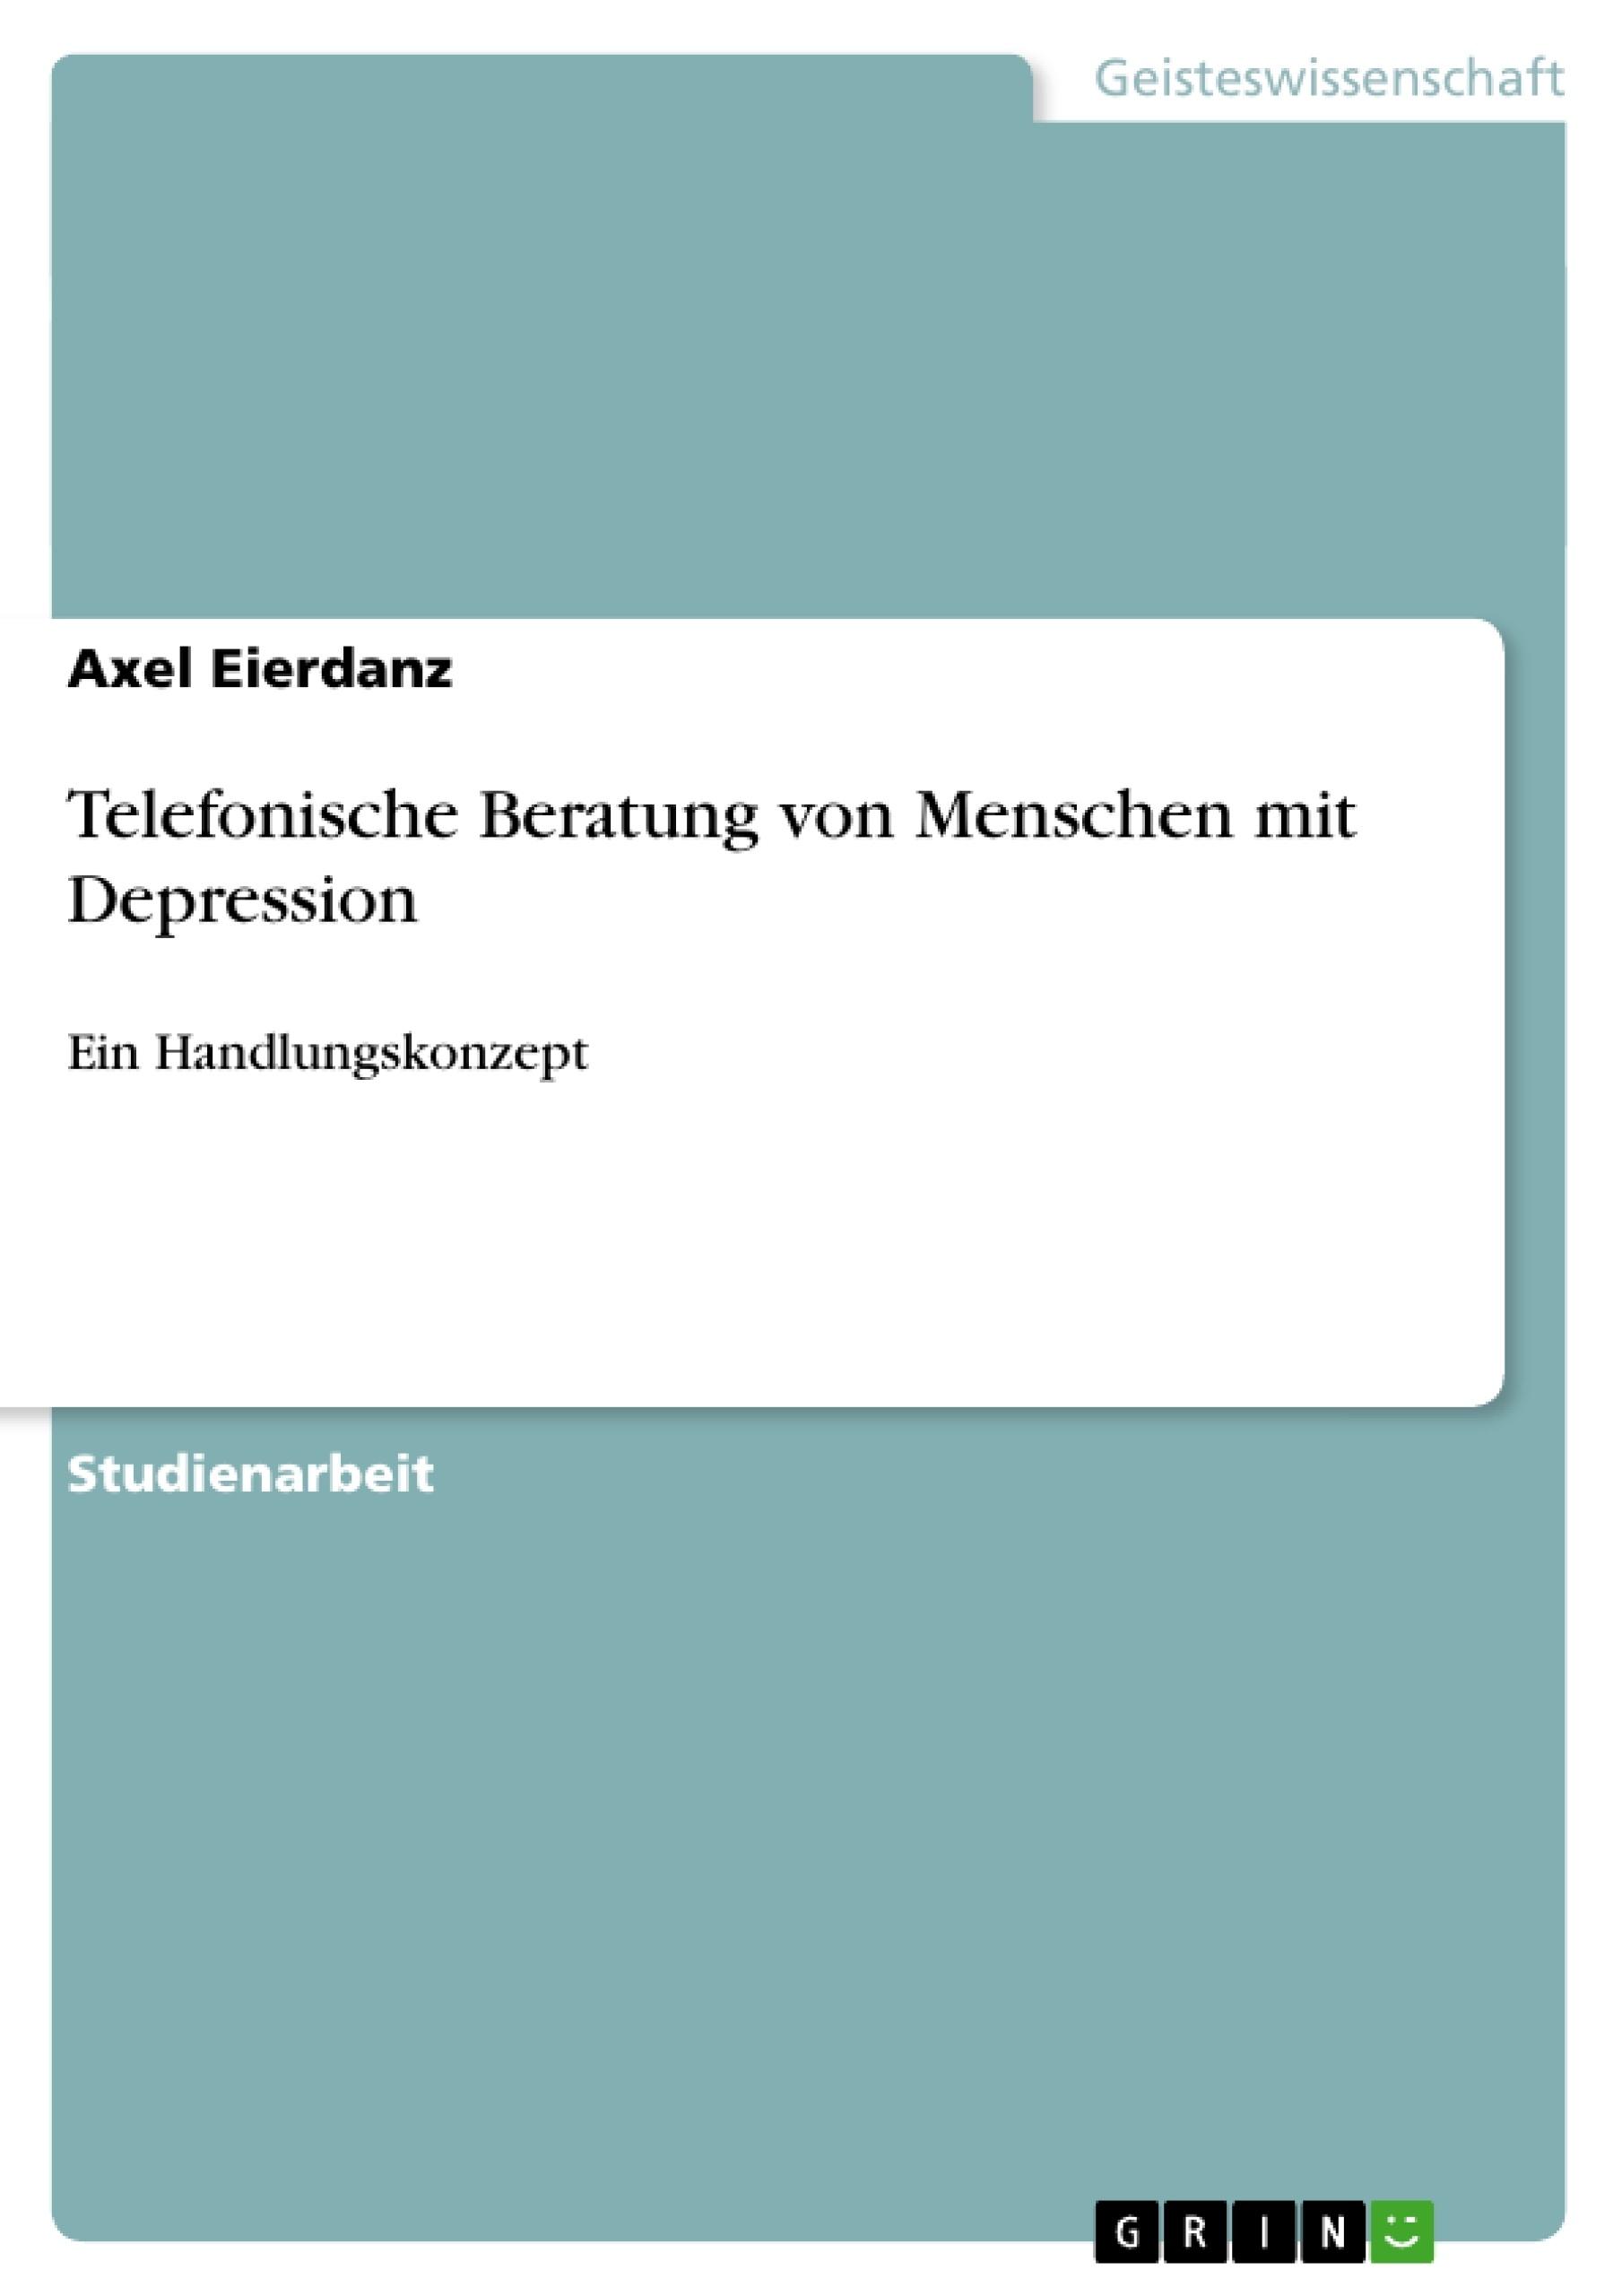 Titel: Telefonische Beratung  von Menschen mit Depression